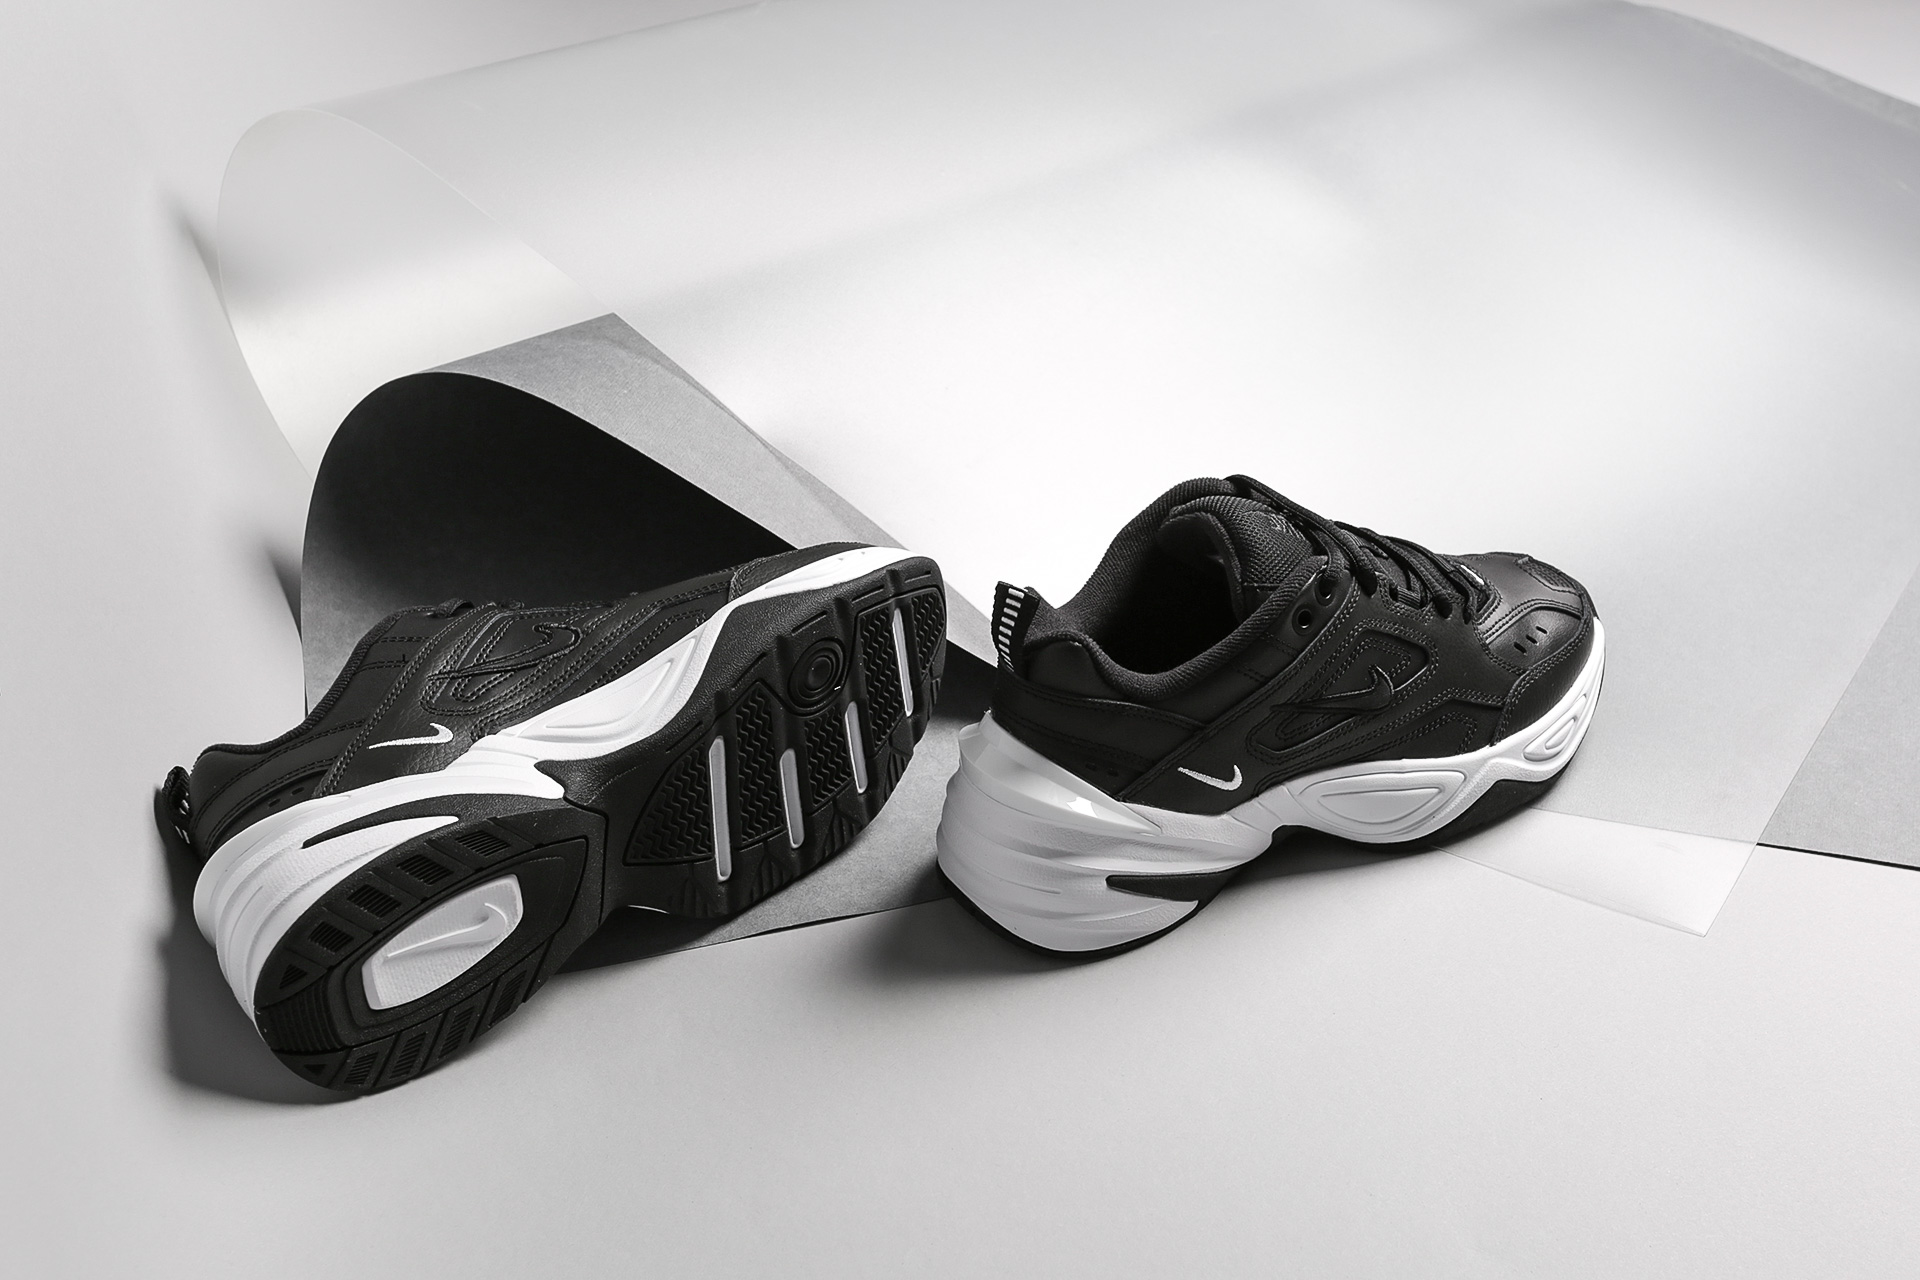 d4f2171b ... Купить женские черные кроссовки Nike WMNS M2K Tekno - фото 2 картинки  ...